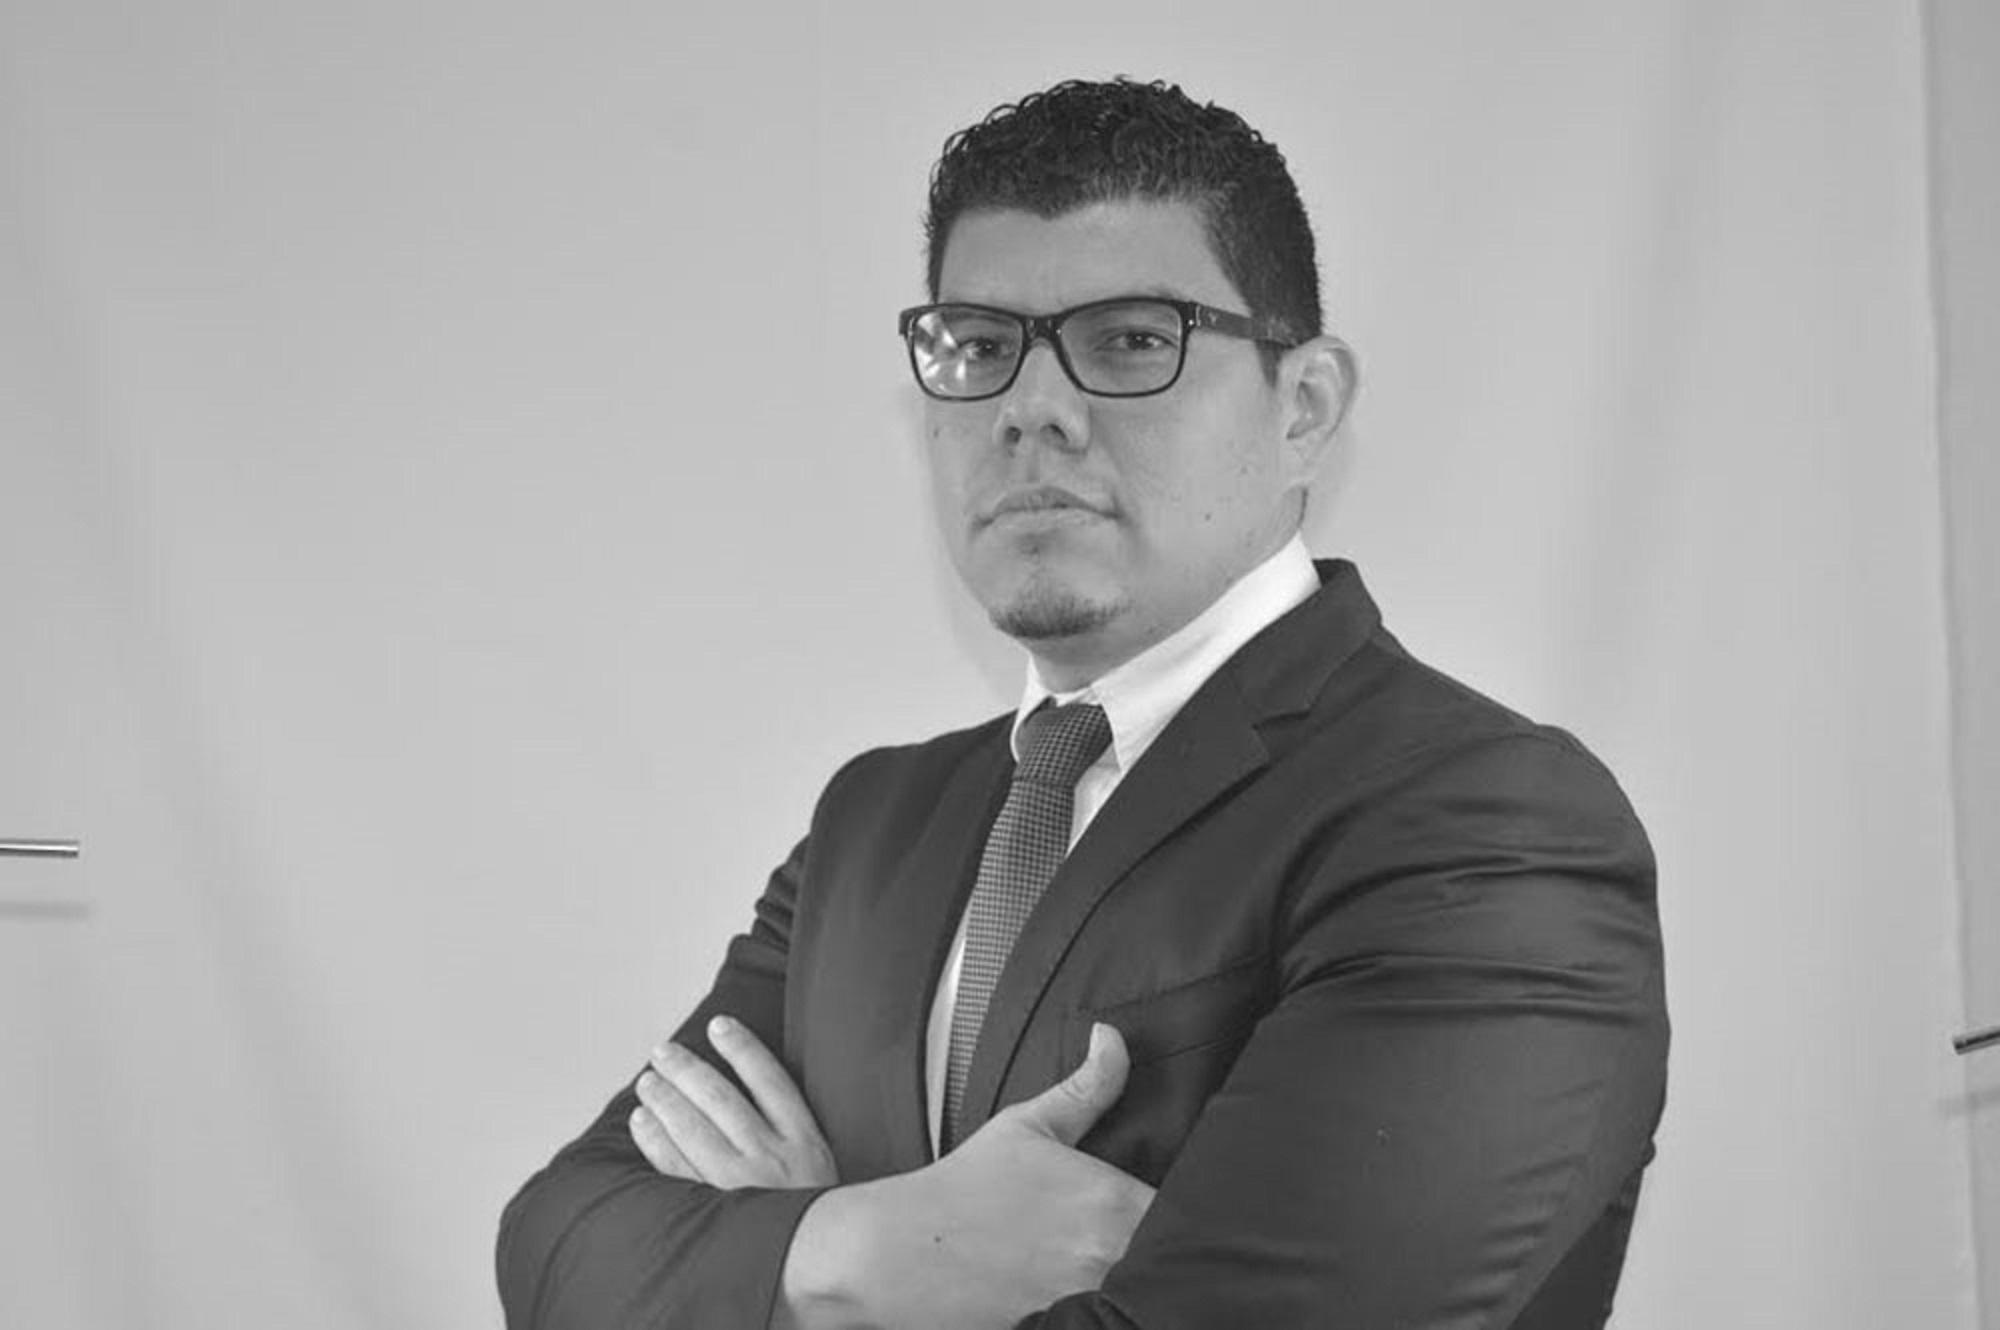 Ricardo Castaneda Ancheta es economista sénior y Coordinador para El Salvador y Honduras del Instituto Centroamericano de Estudios Fiscales (Icefi).